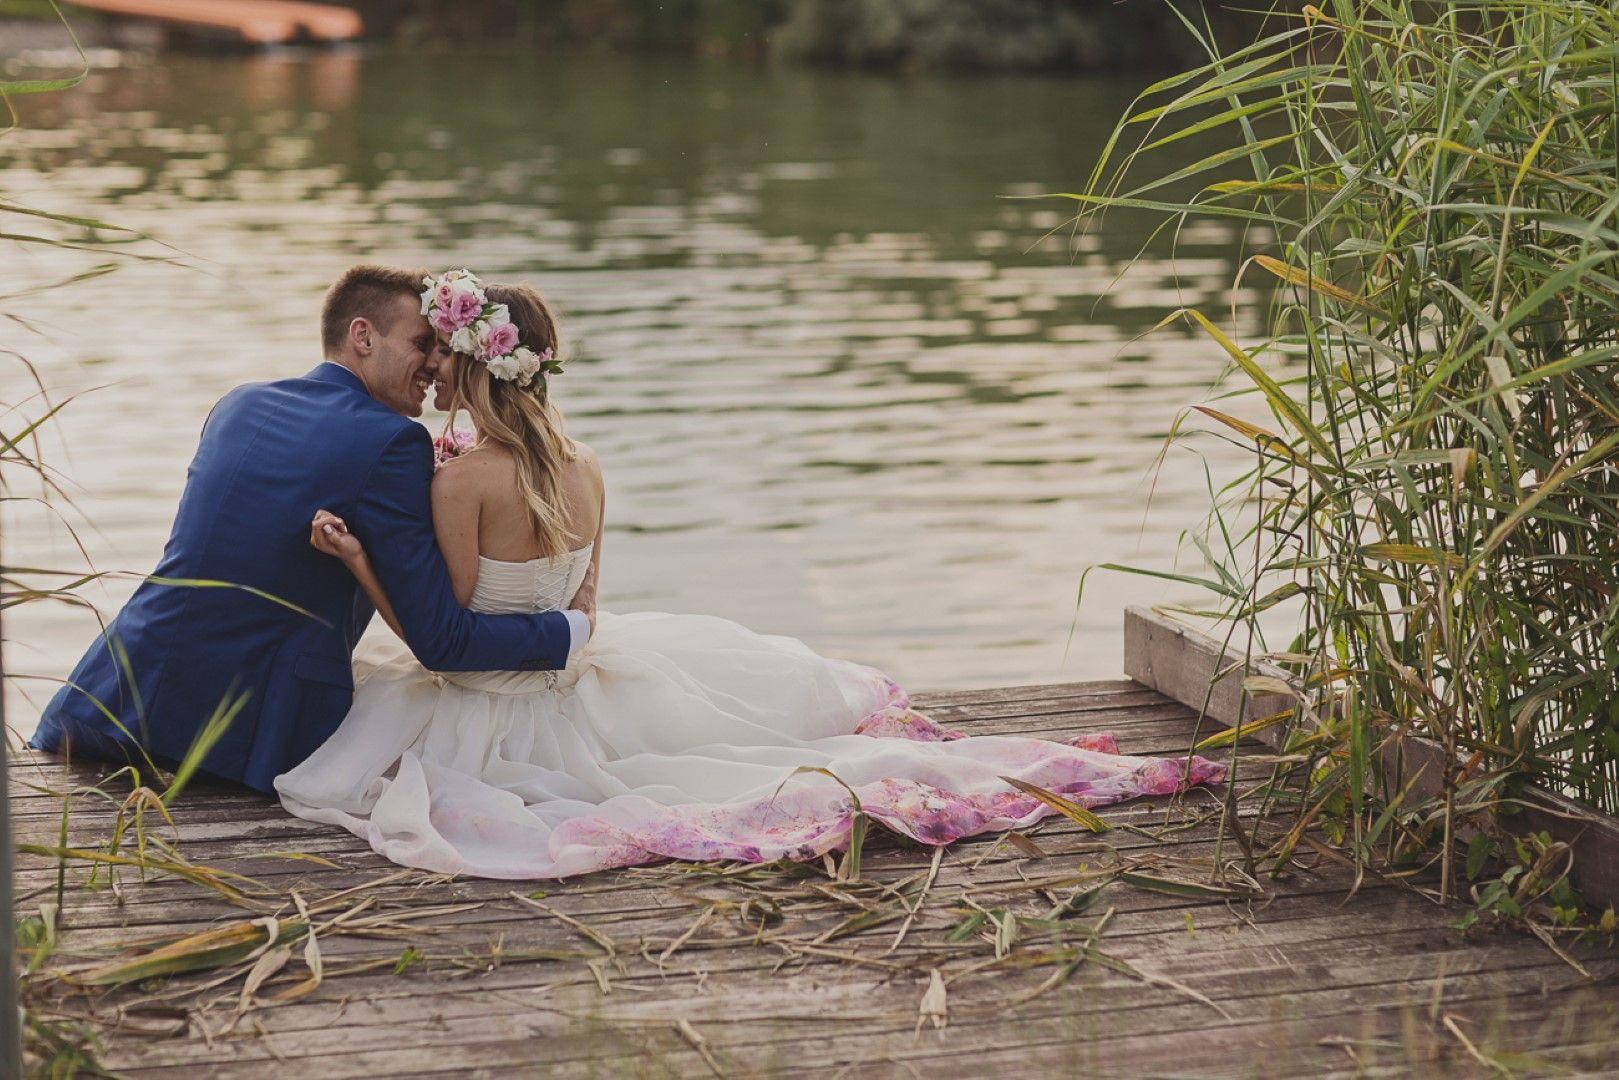 Best menyasszonyi képek ideas | menyasszonyi képek, esküvői fotók, esküvői fotózás